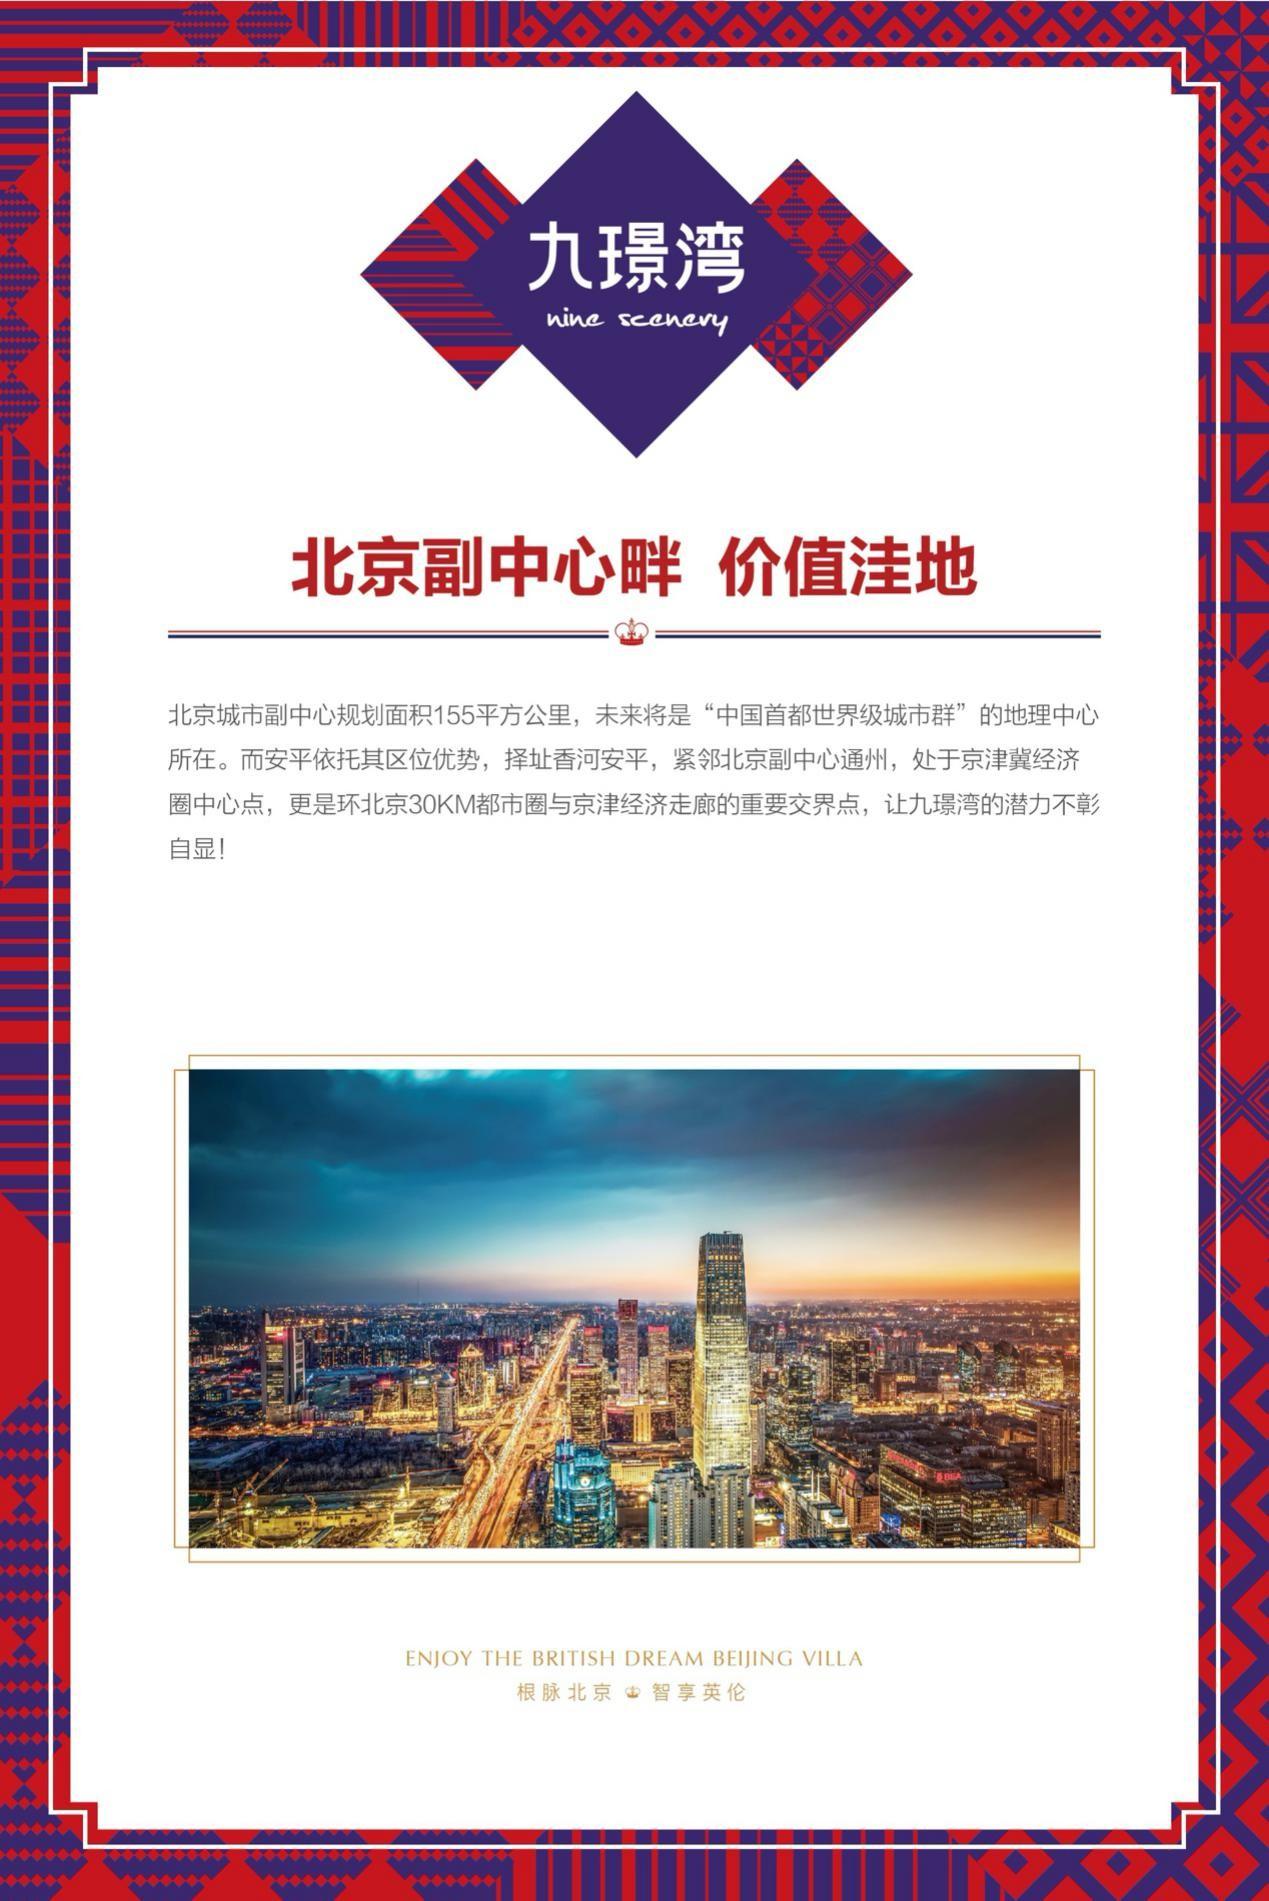 巨富九璟湾引领改善性居住需求下的精神满足新体验